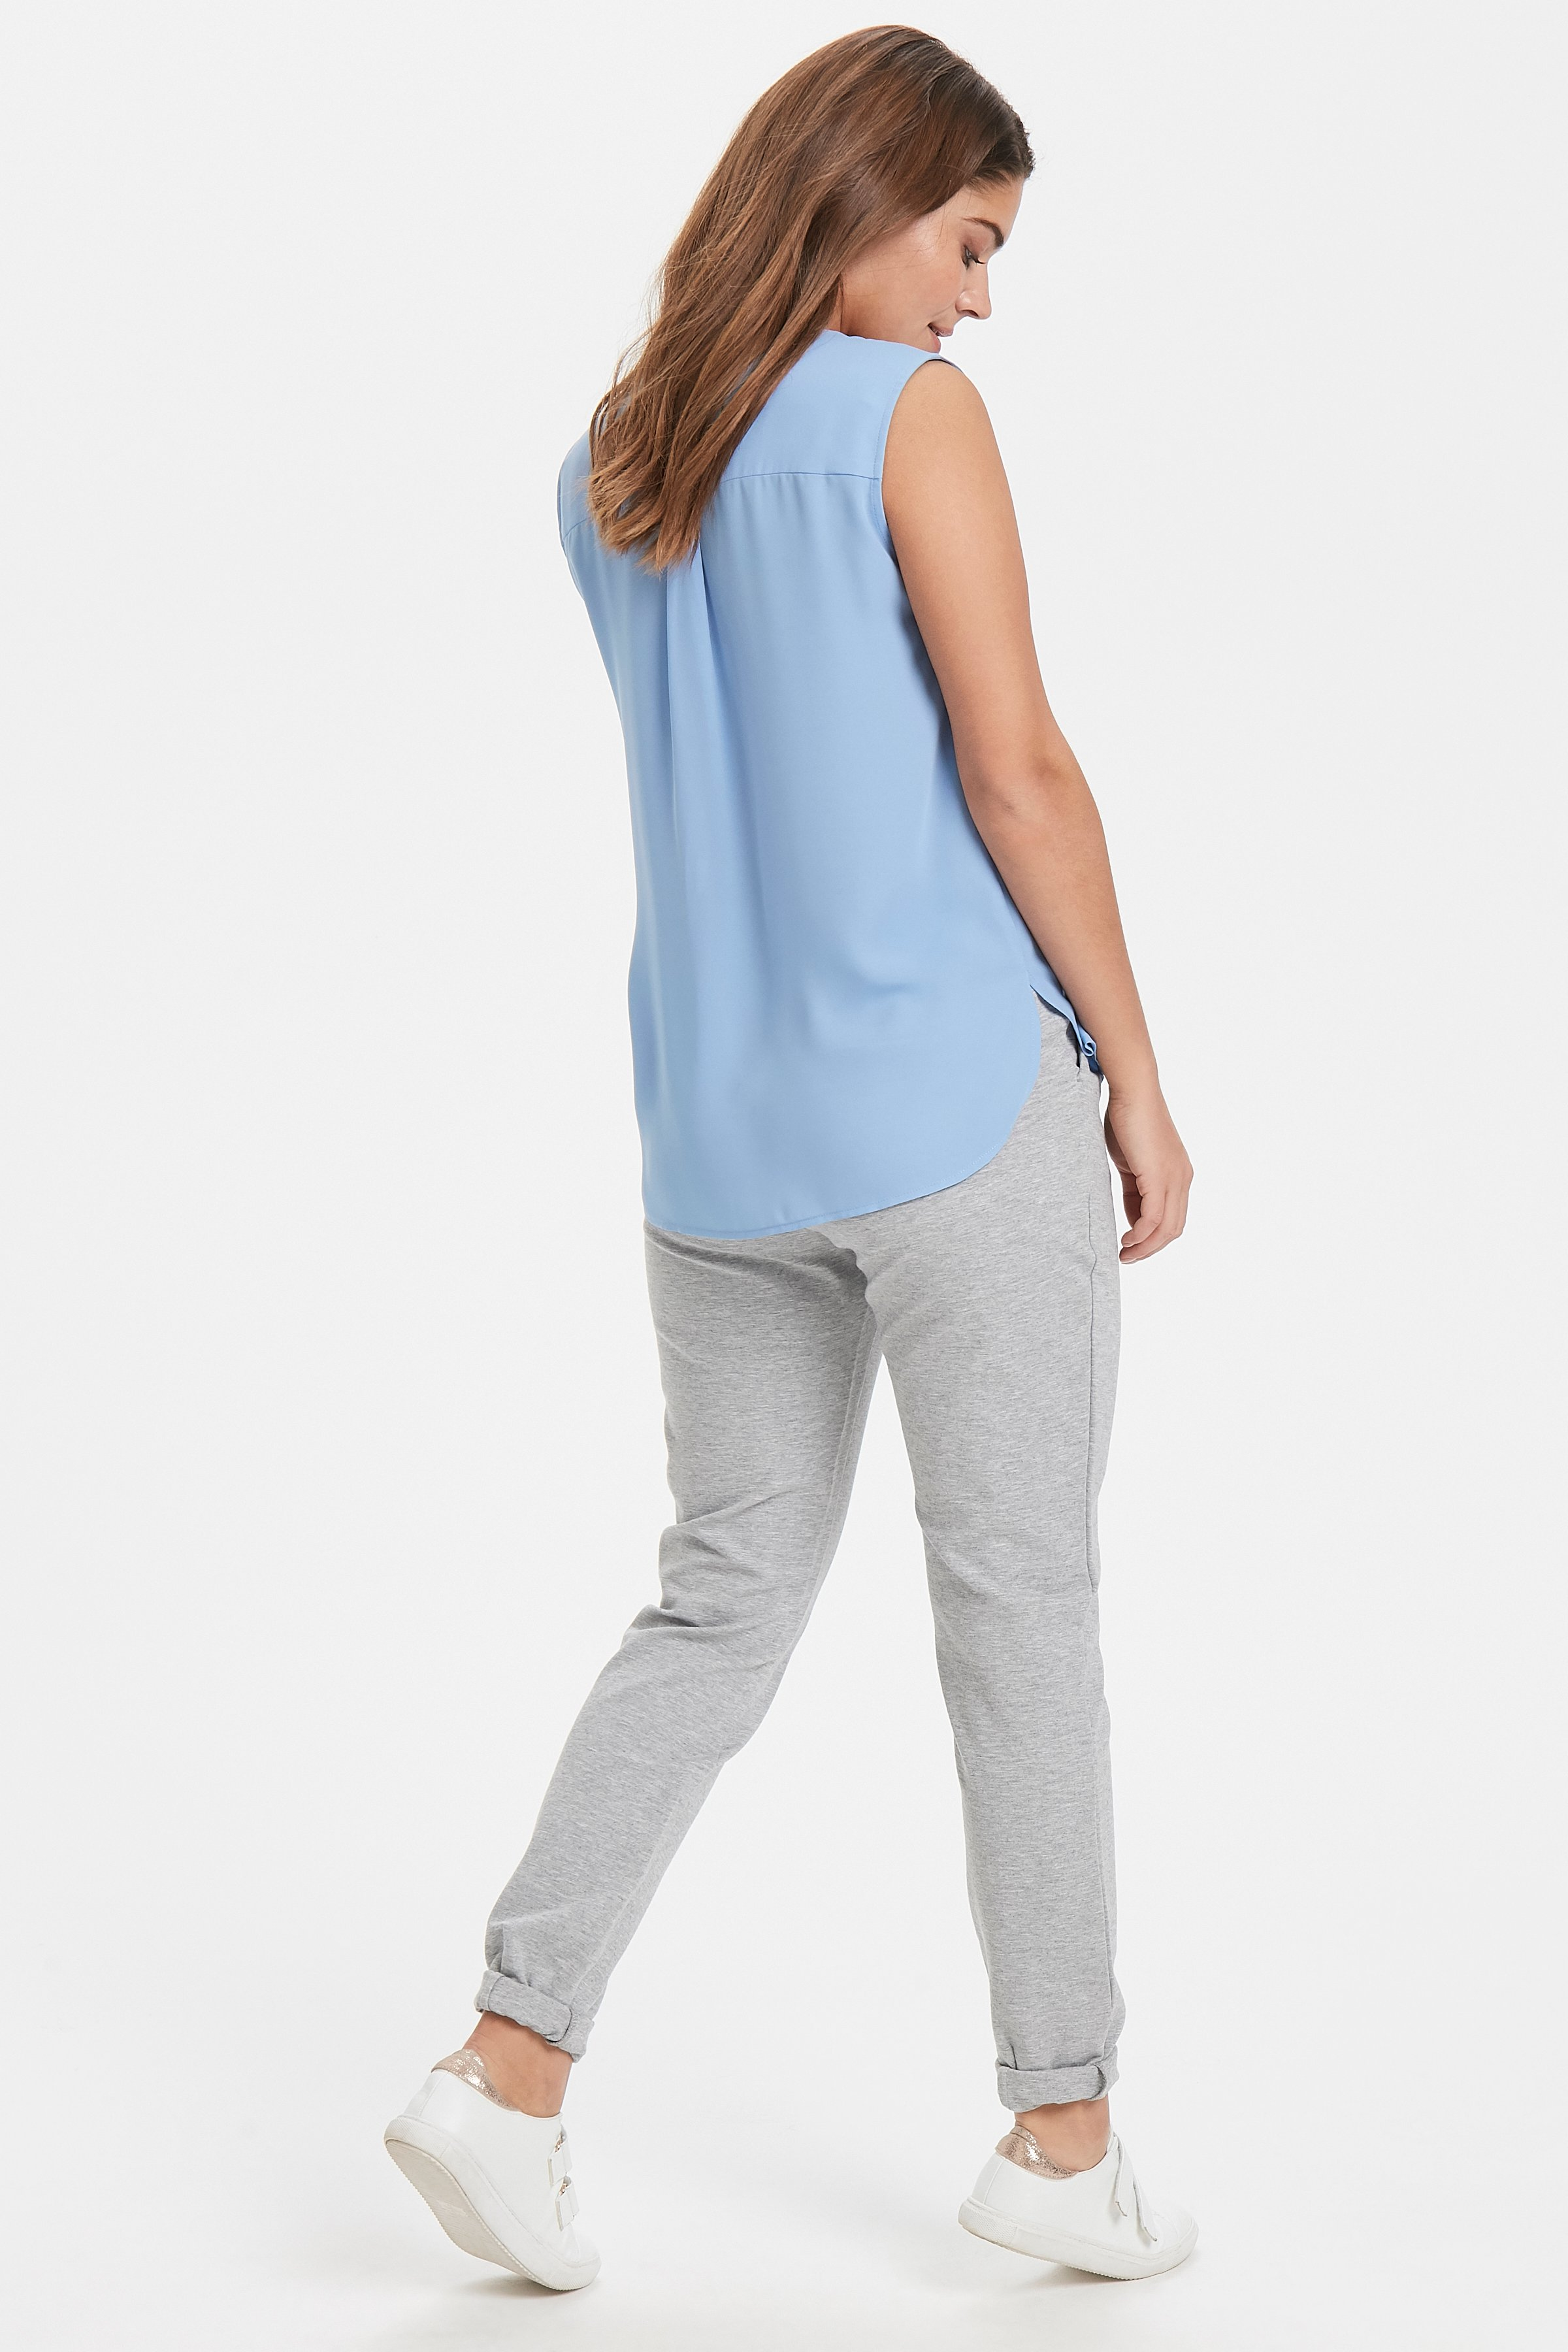 Cornflower Blue Hemd von b.young – Kaufen Sie Cornflower Blue Hemd aus Größe 34-46 hier